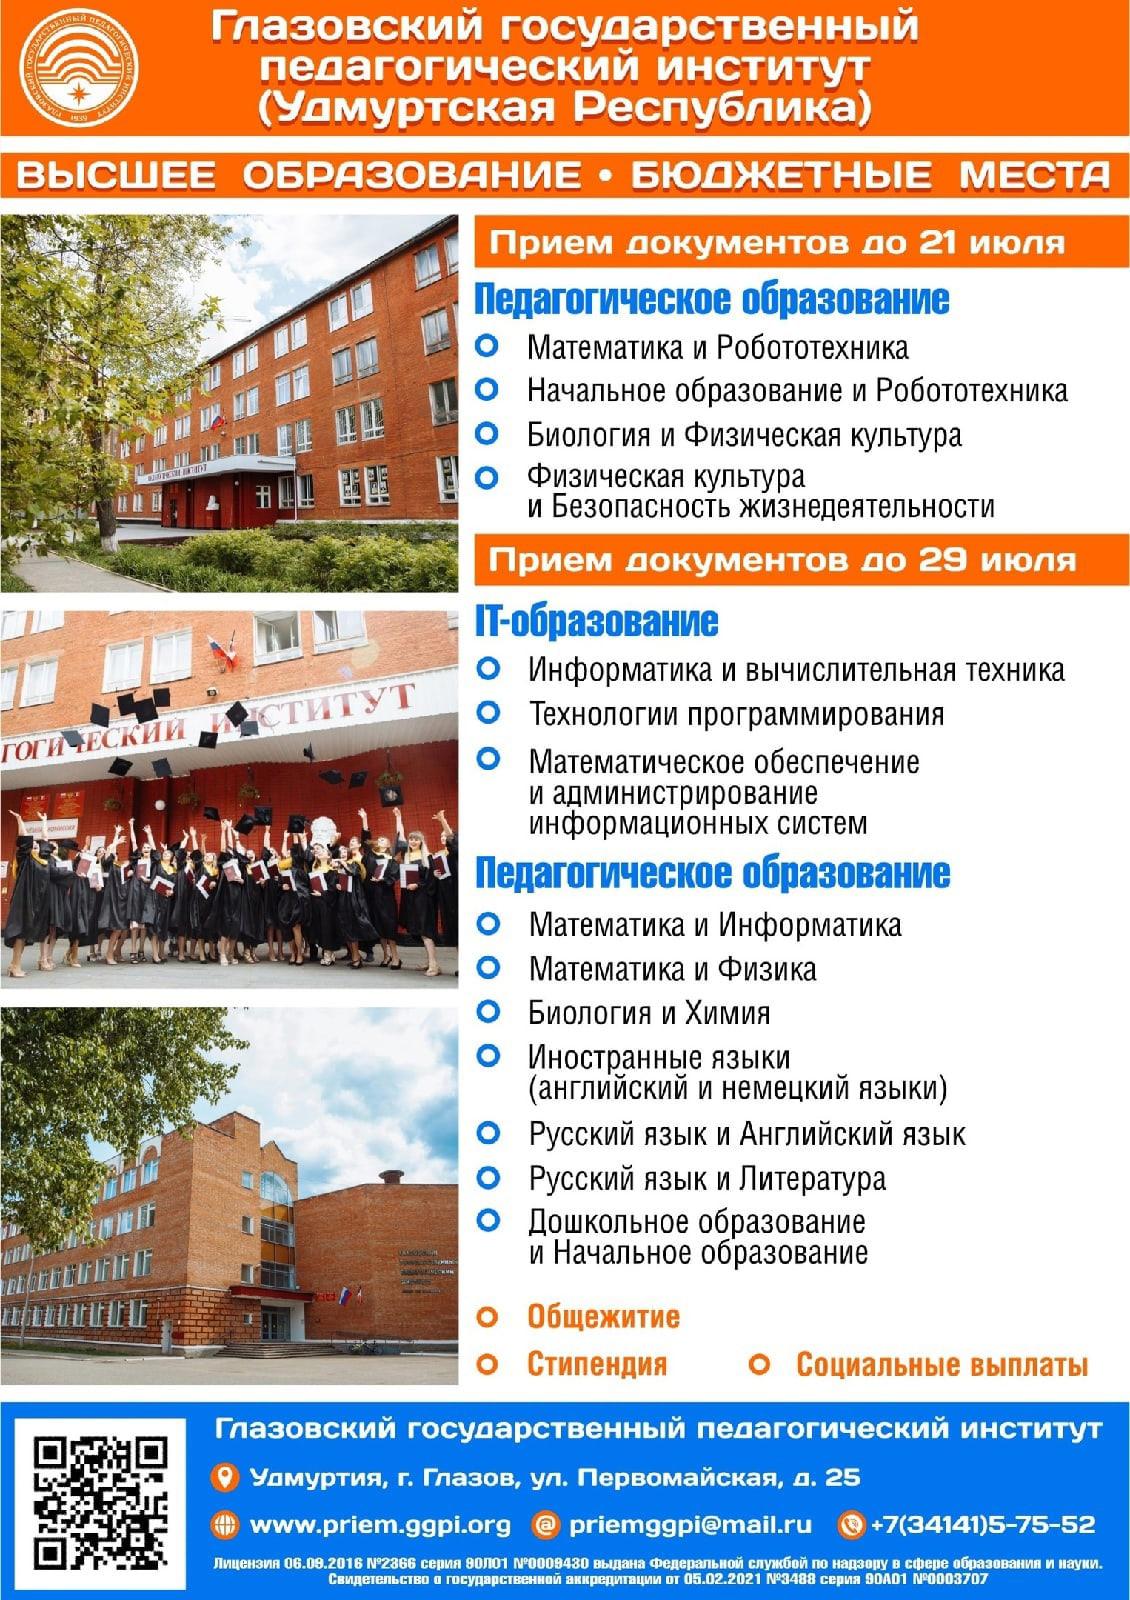 Глазовский государственный педагогический институт приглашает получить высшее